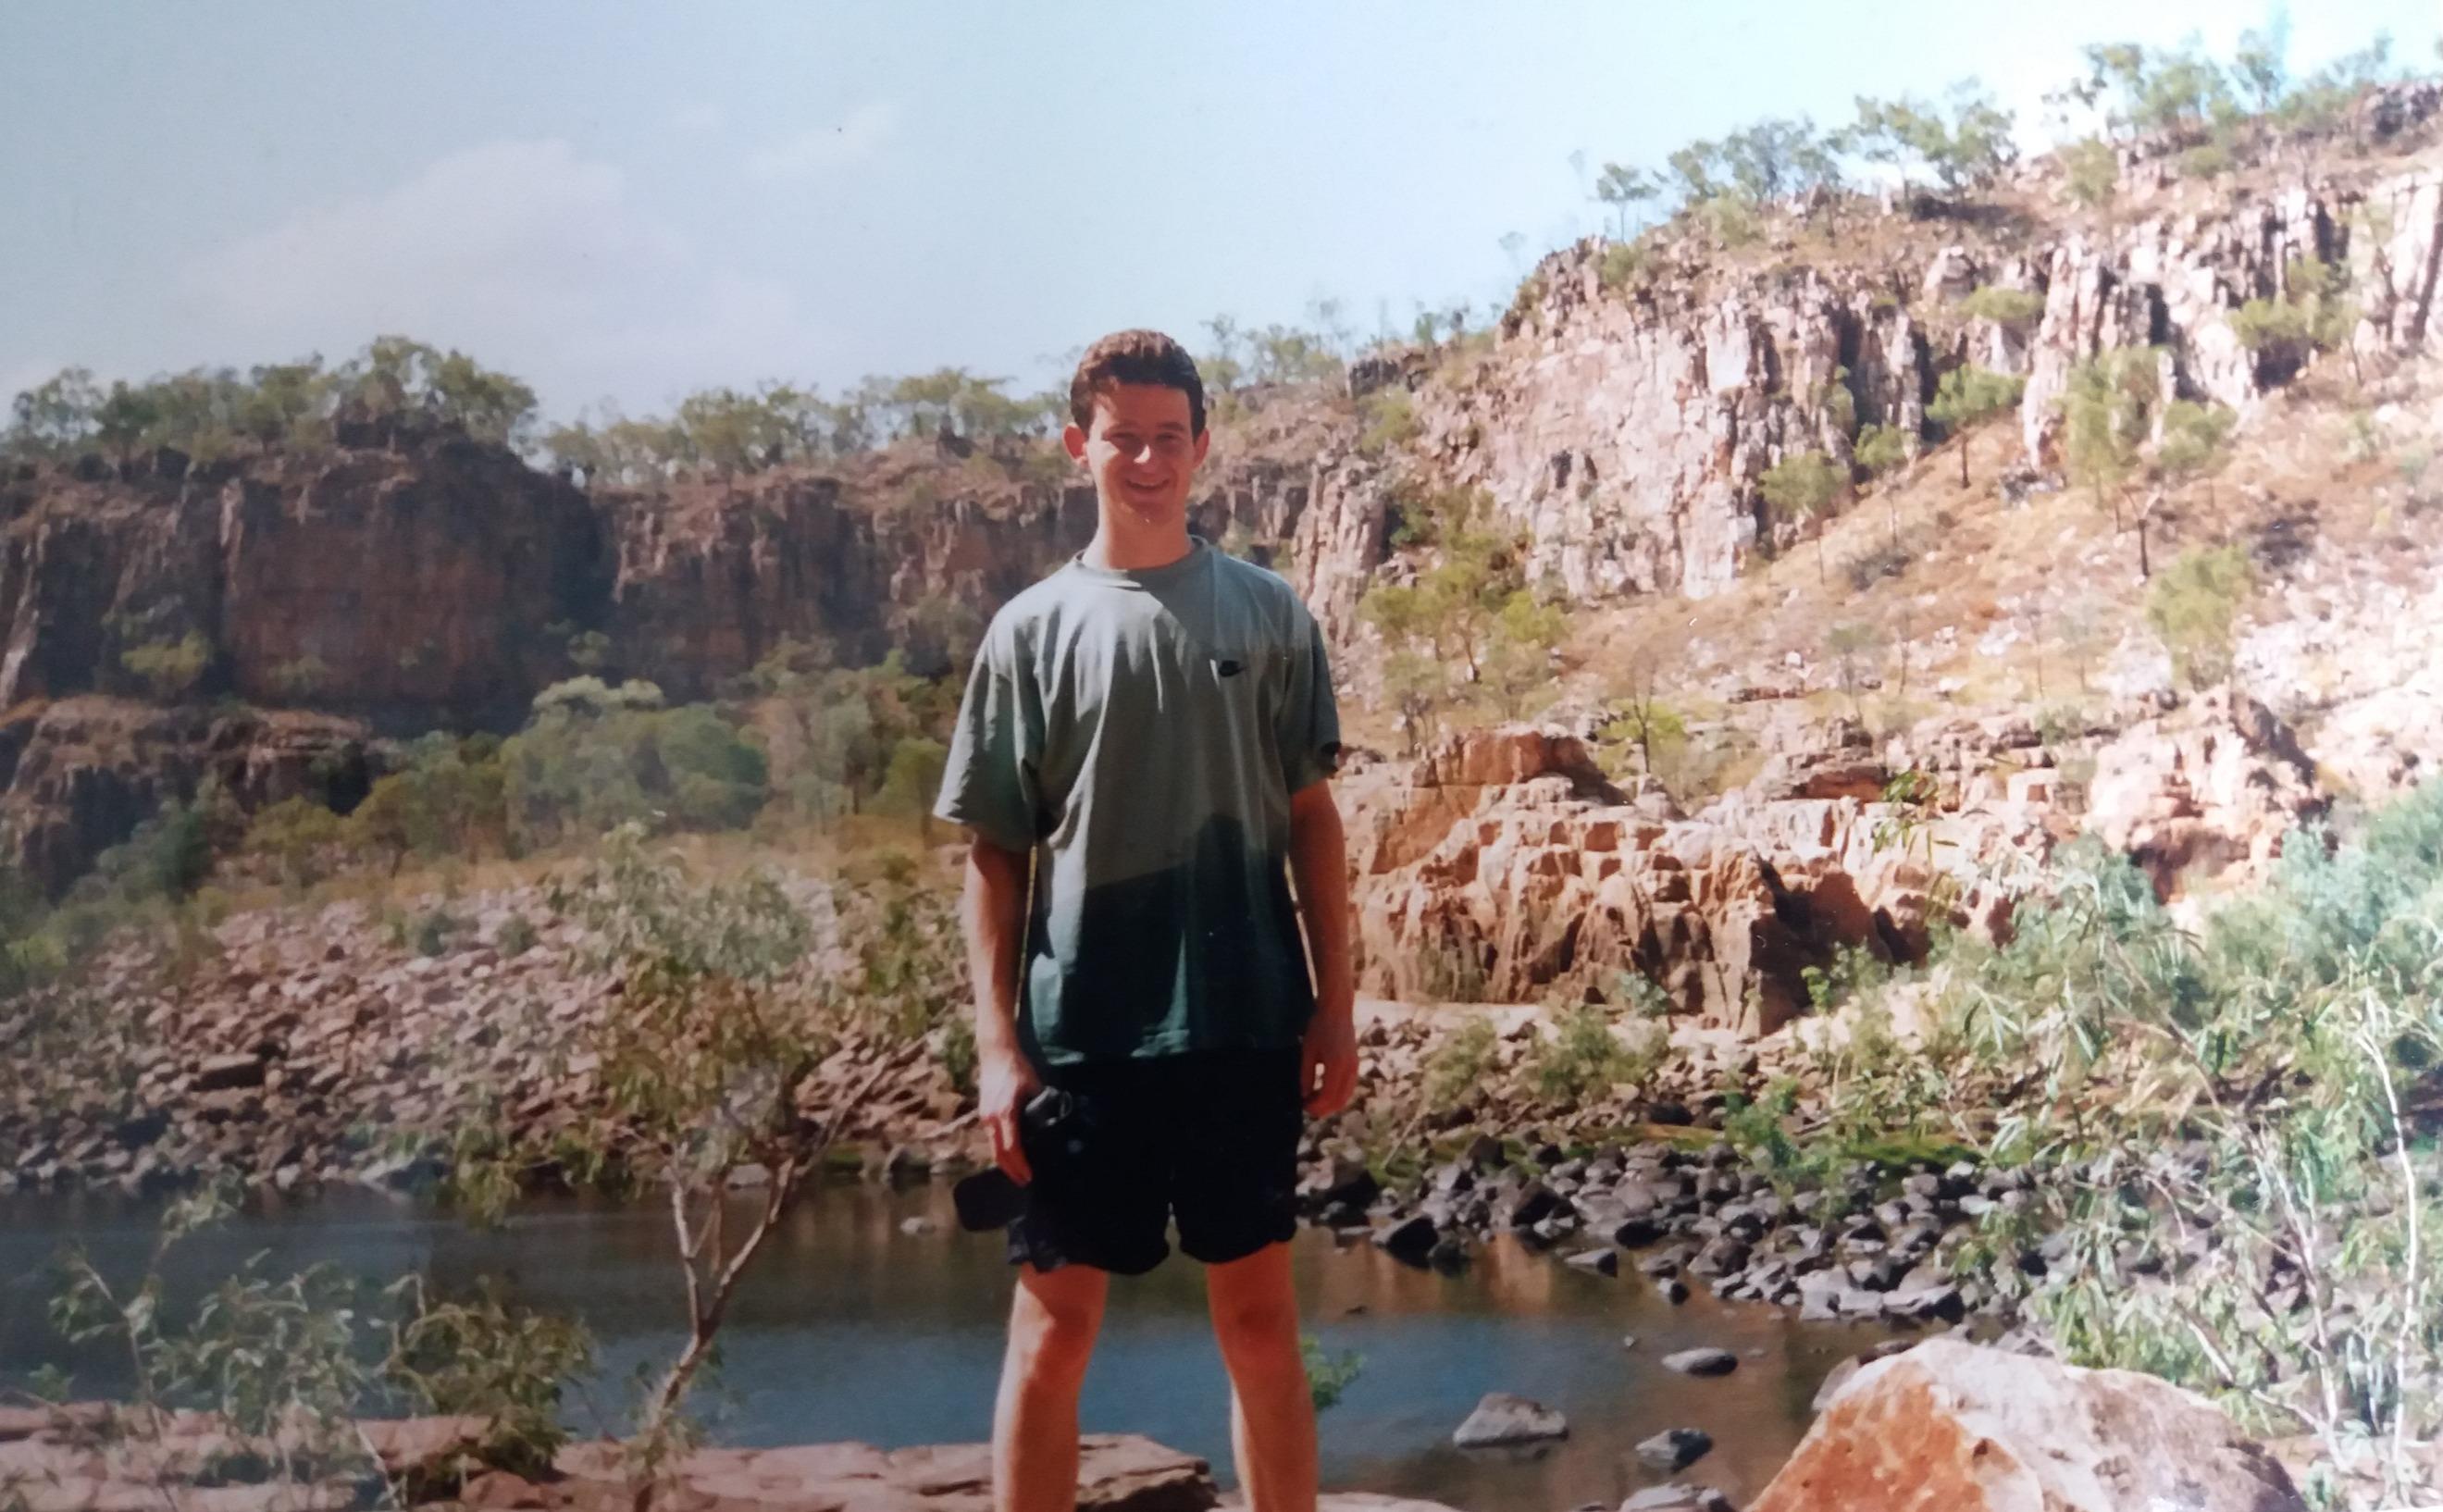 Australia diary - Day 5 - Katharine